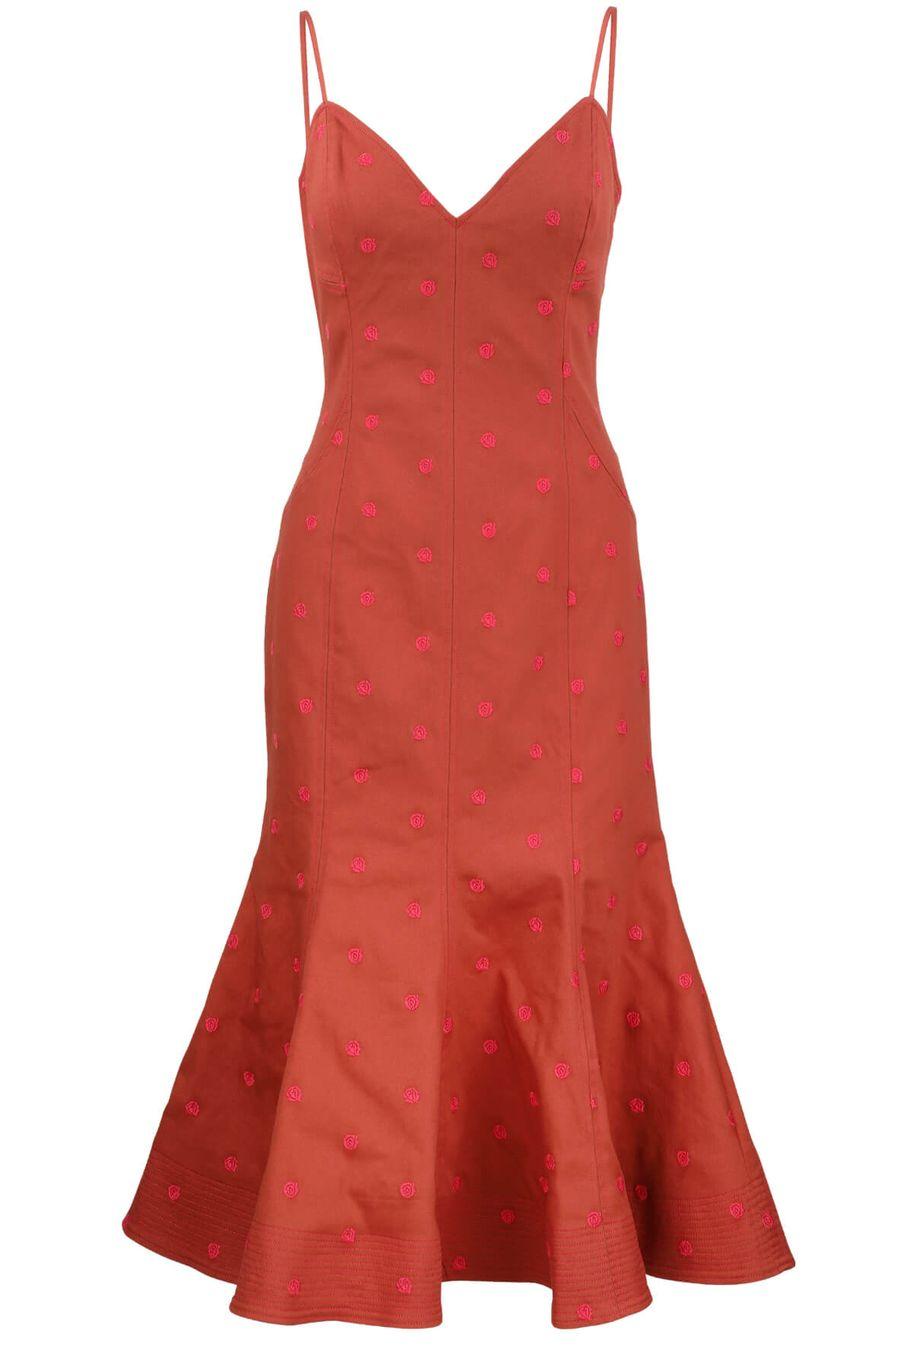 cameo-harmonious-midi-dress-1